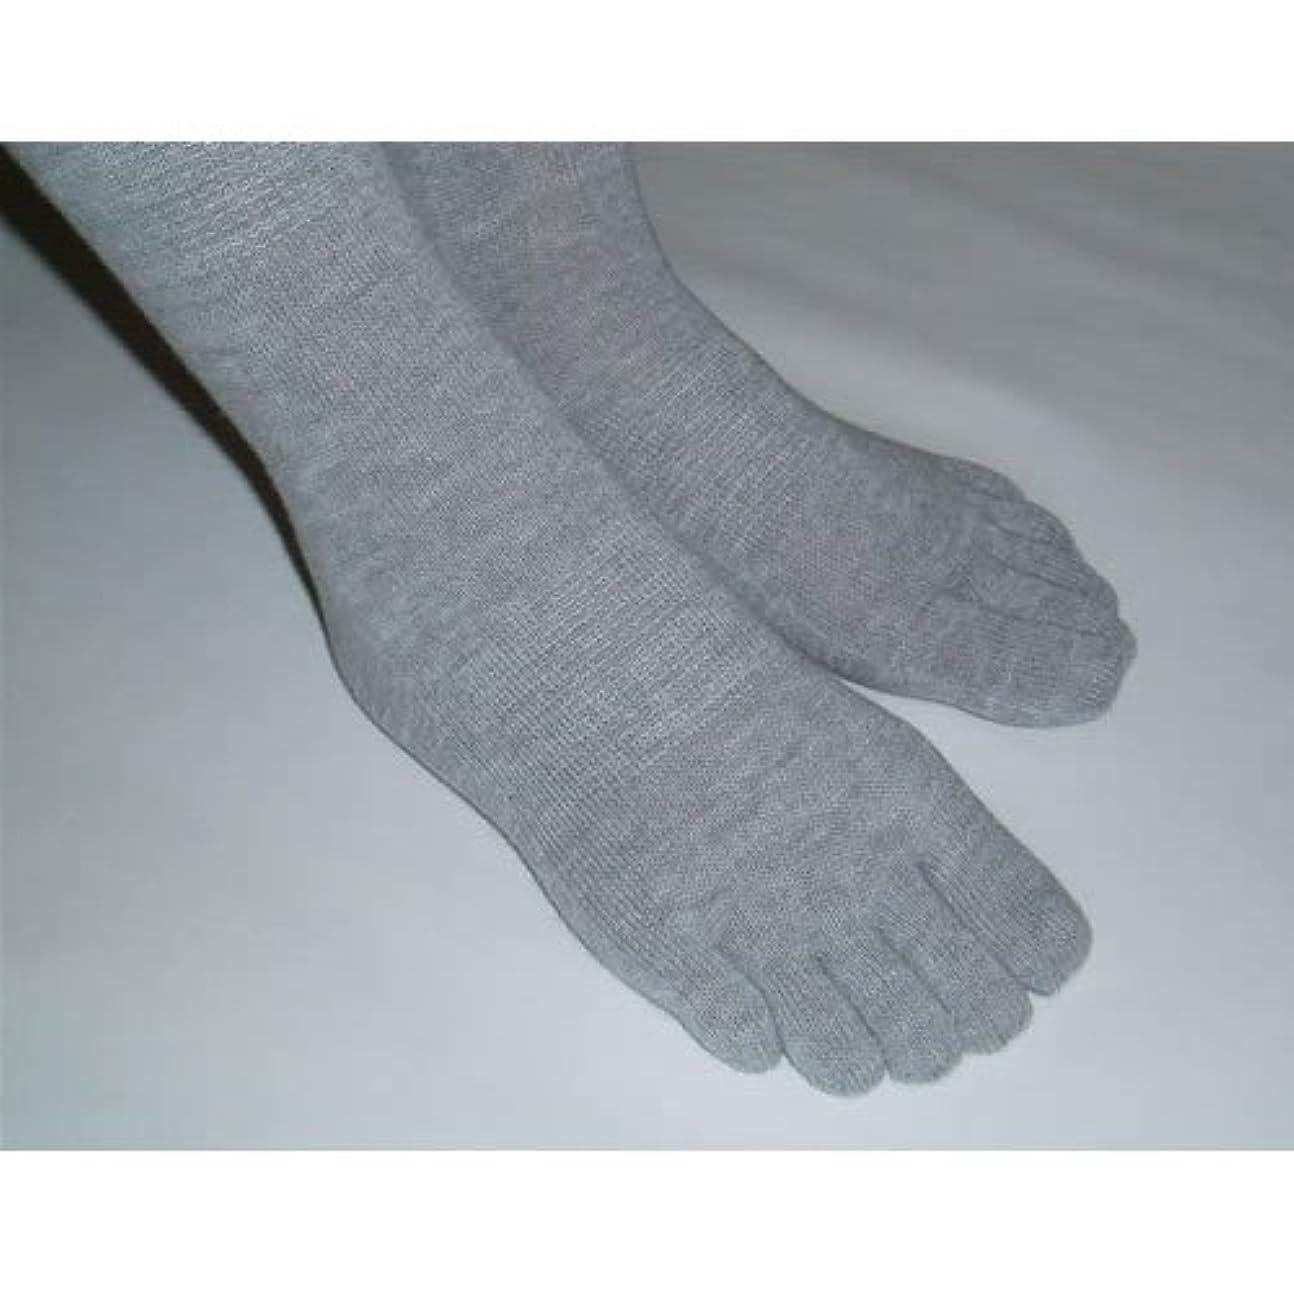 抱擁エゴイズム育成5本指ソックス 婦人(22-24cm)サイズ 【炭の靴下】